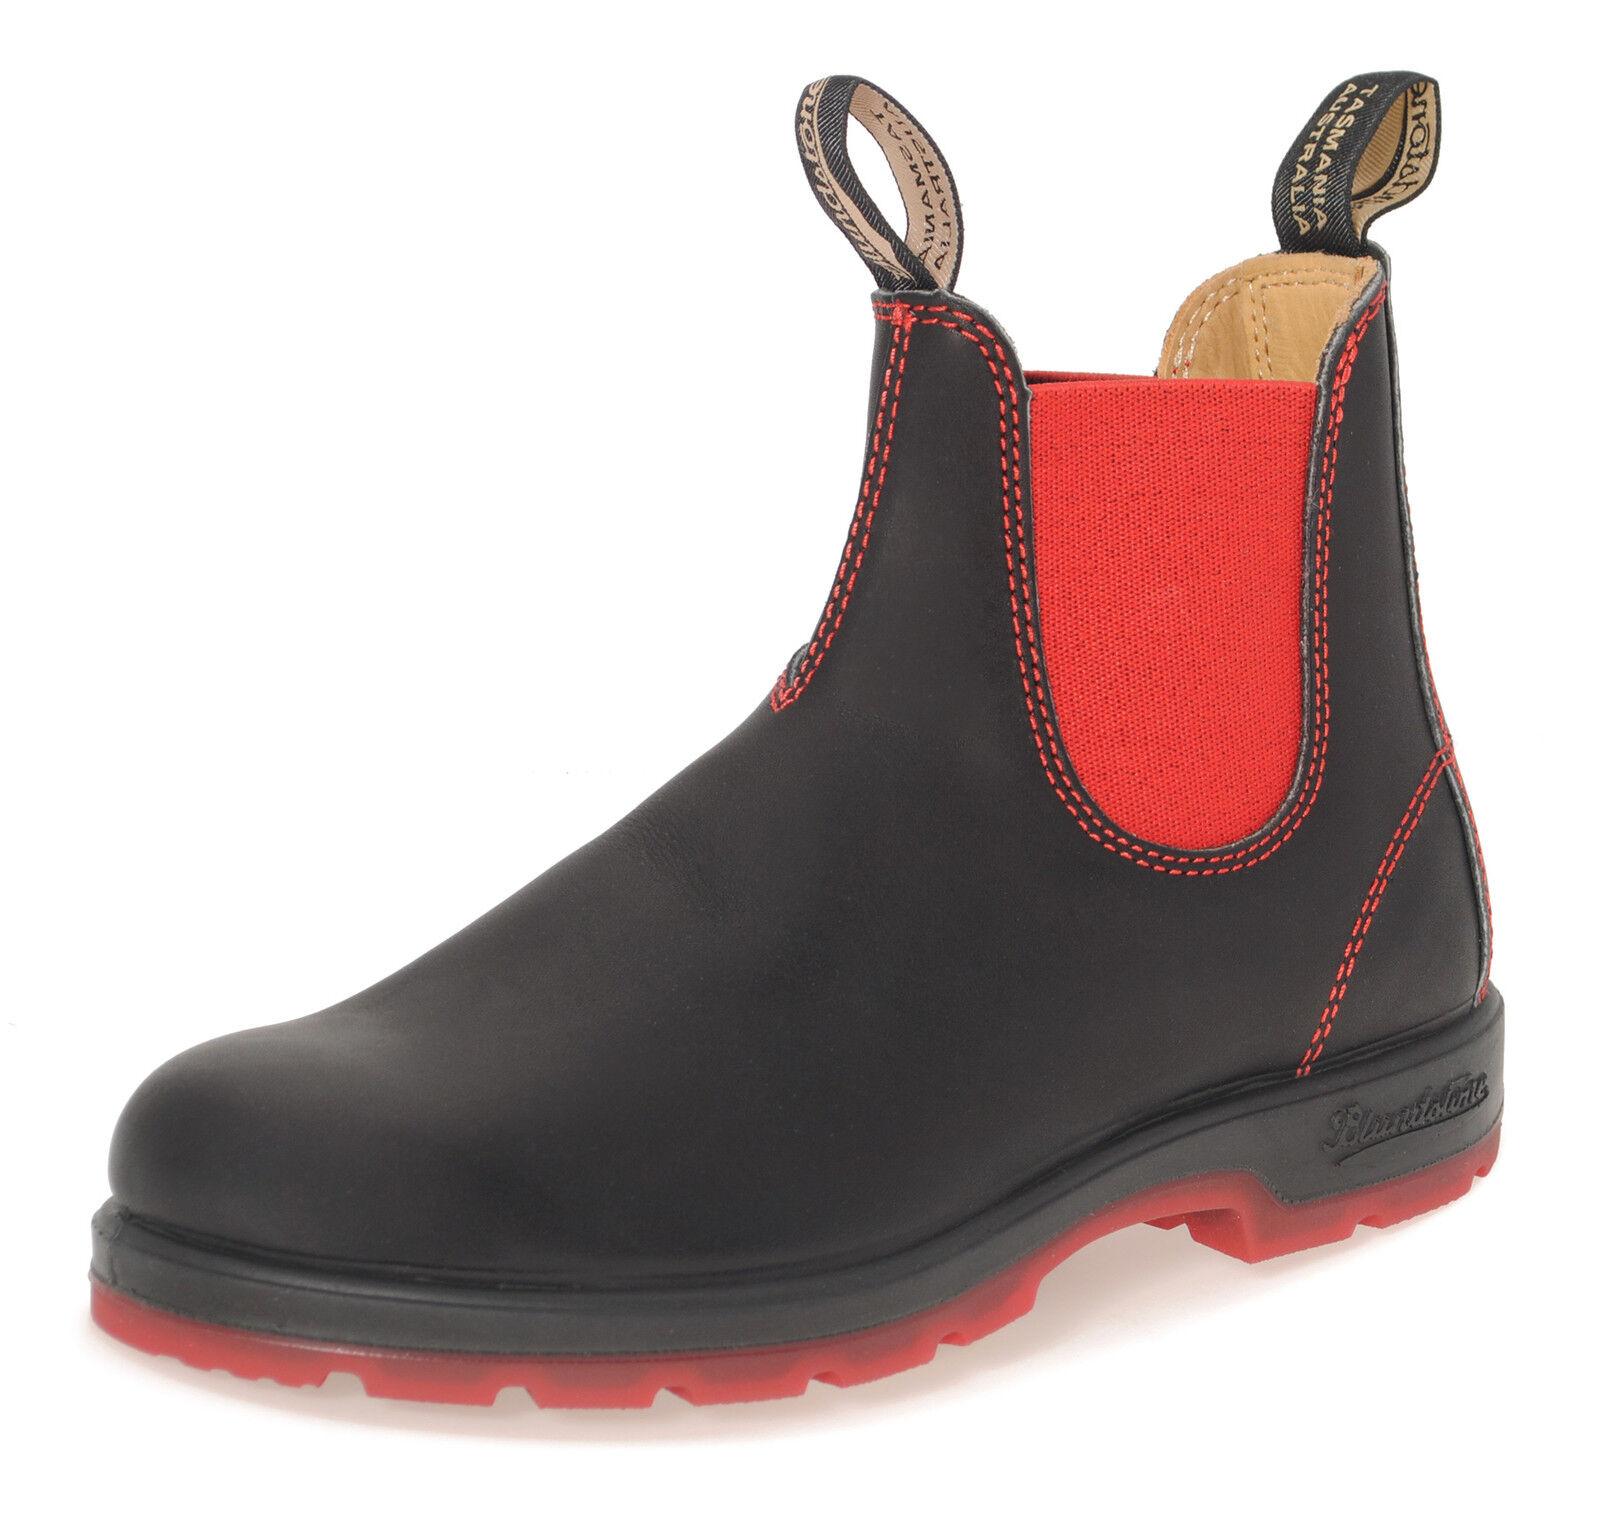 Blundstone Estilo 1316 australiano Chelsea Botas-Negro / Rojo